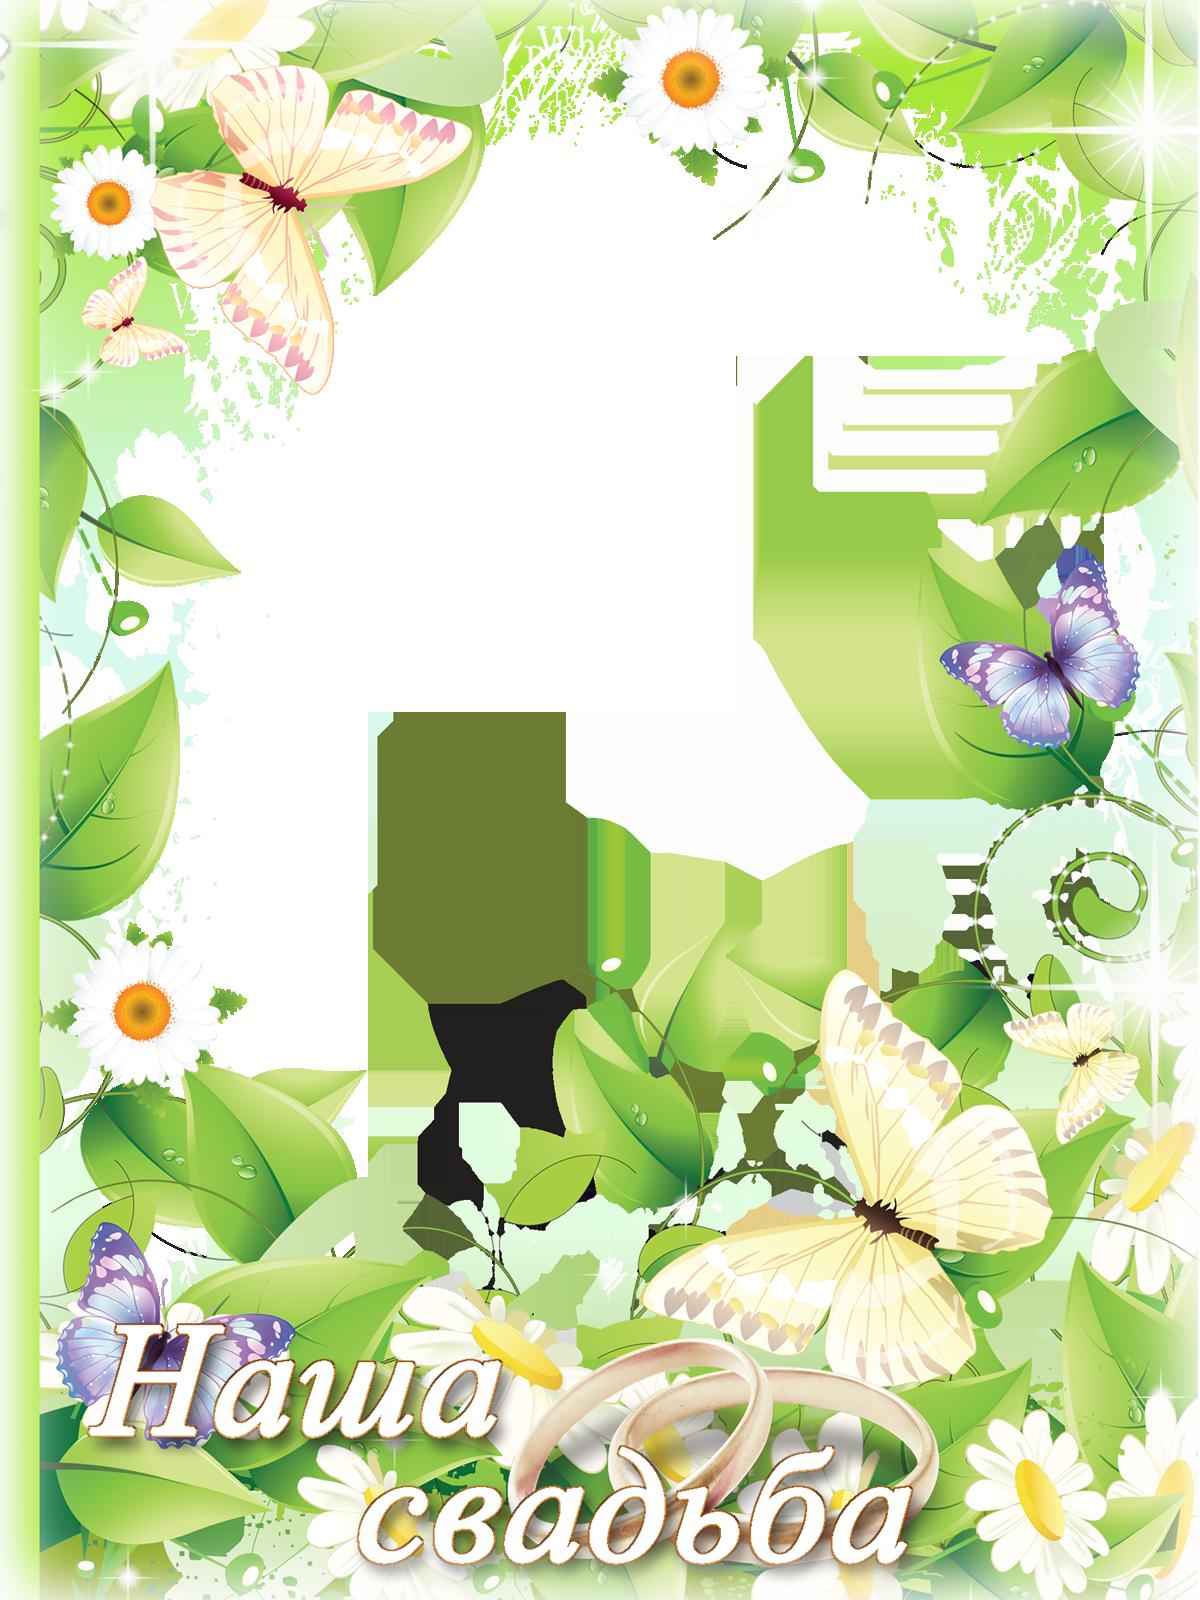 Фоторамка Фоторамка Наша свадьба Фоторамка для фотошопа, PNG шаблон. Свадебная фоторамка с ромашками. Сиреневые и желтые бабочки. Наша свадьба. Лето, ромашки.